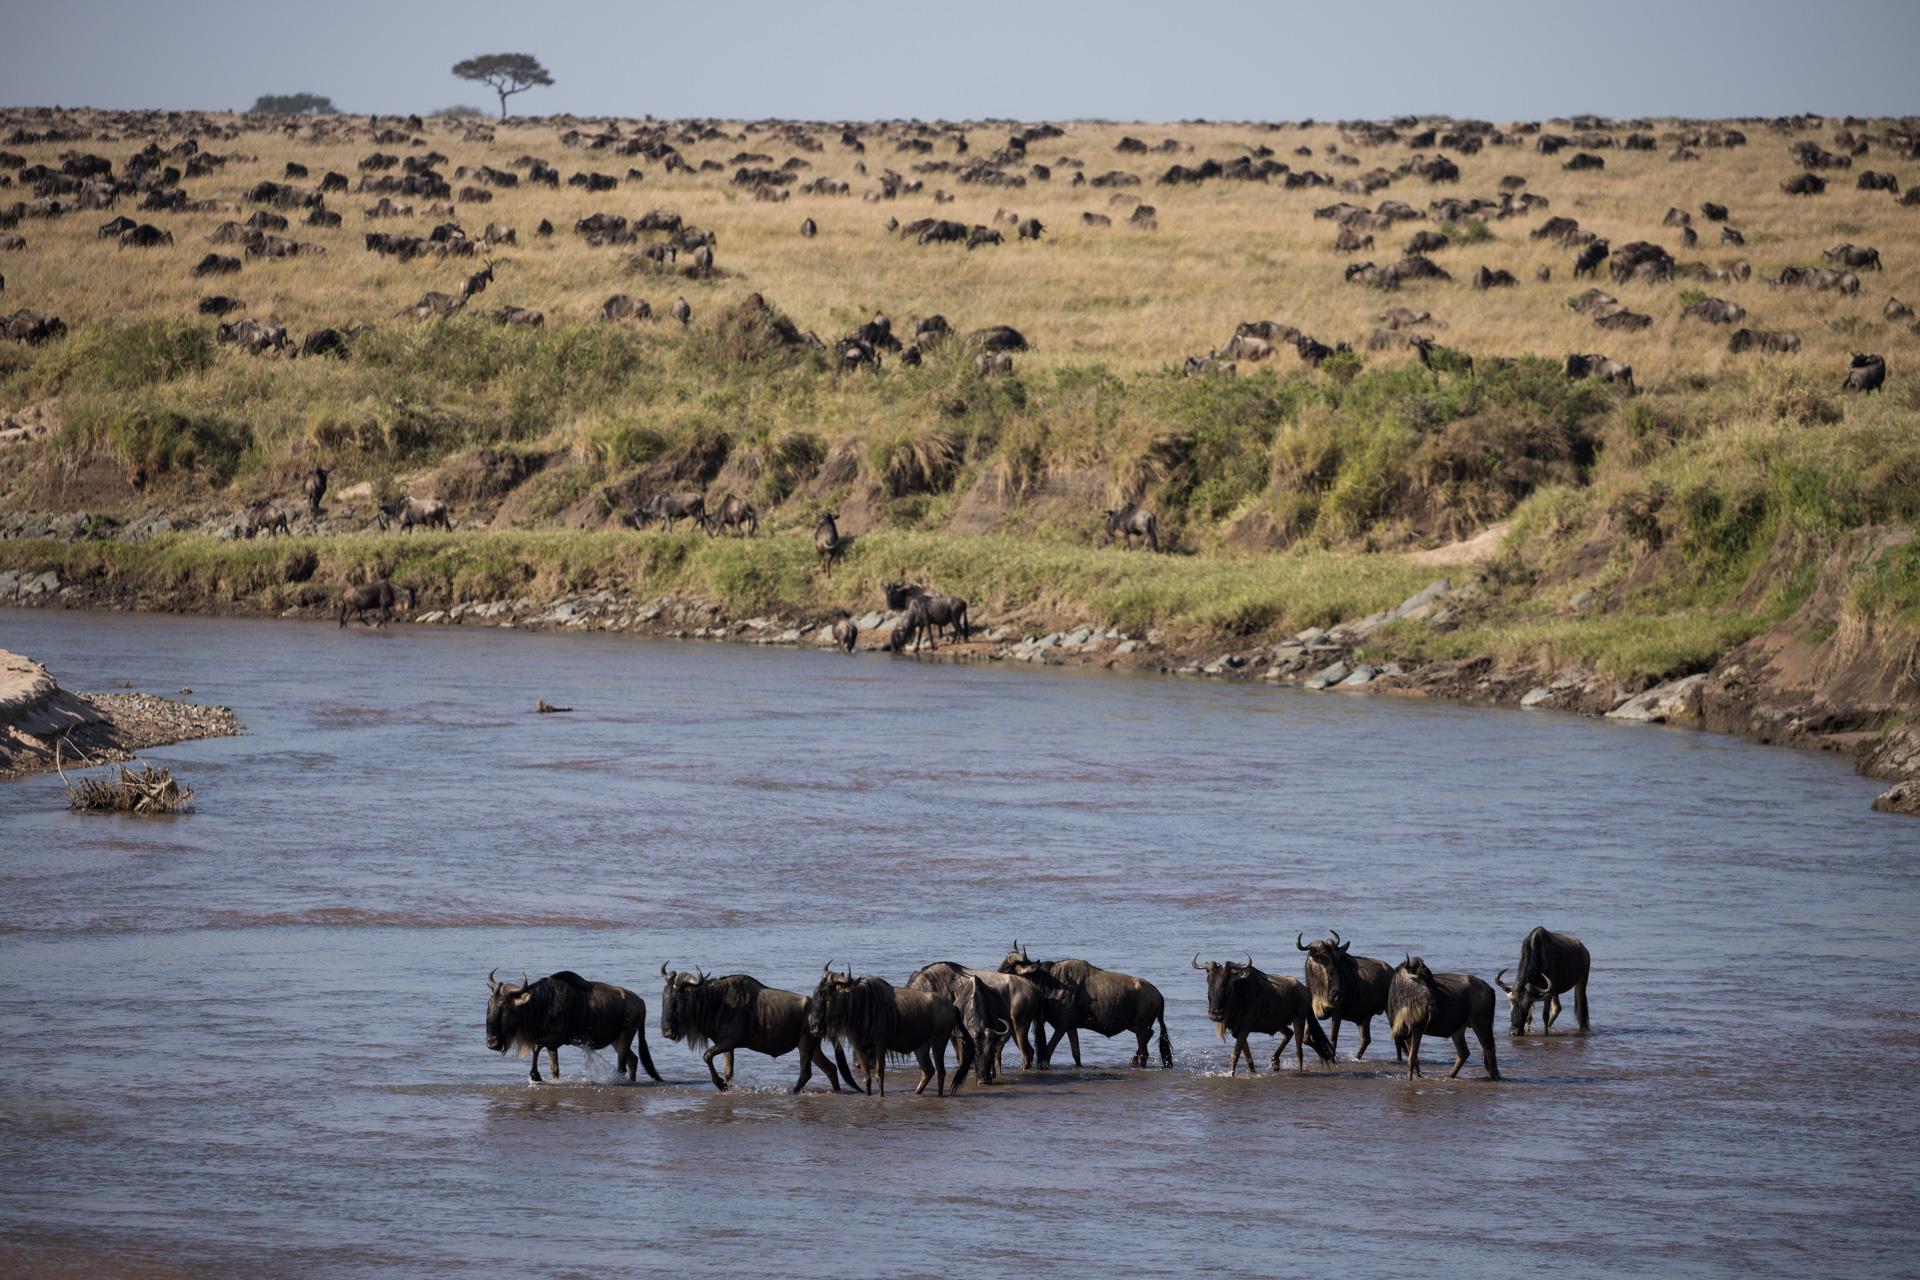 Wildebeest Sand River